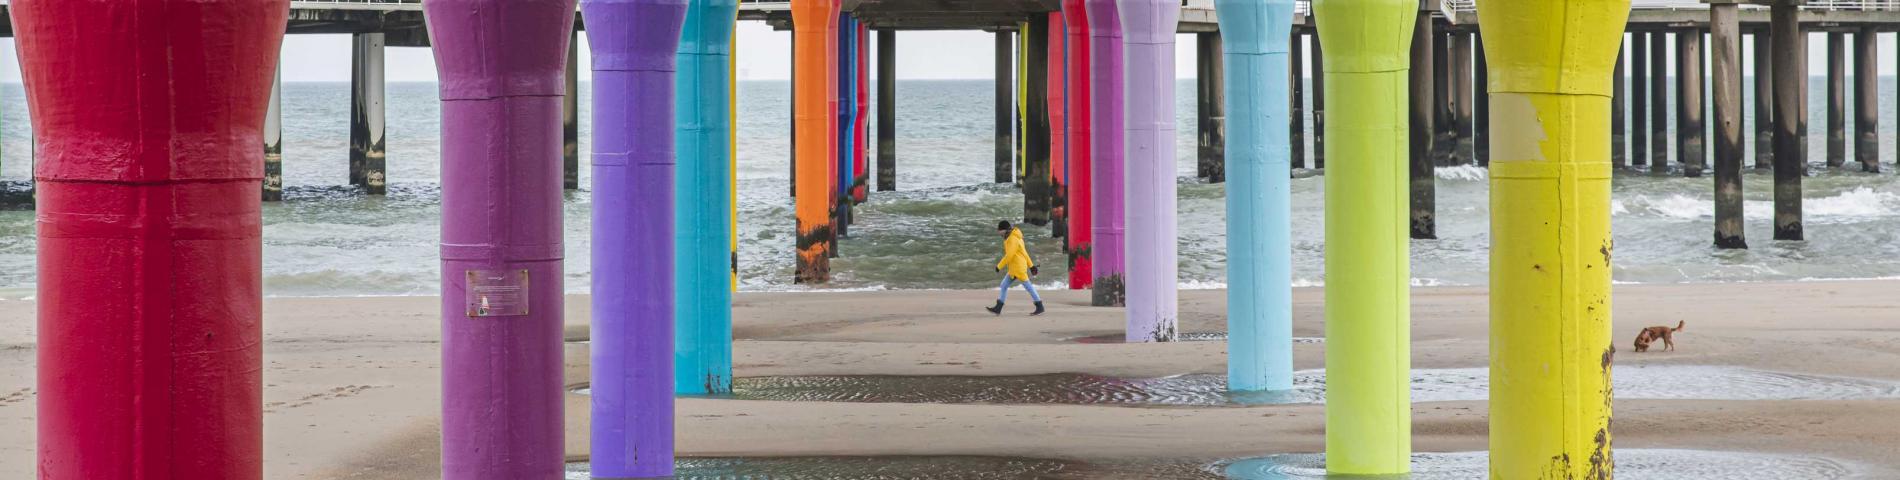 Under the pier at Scheveningen